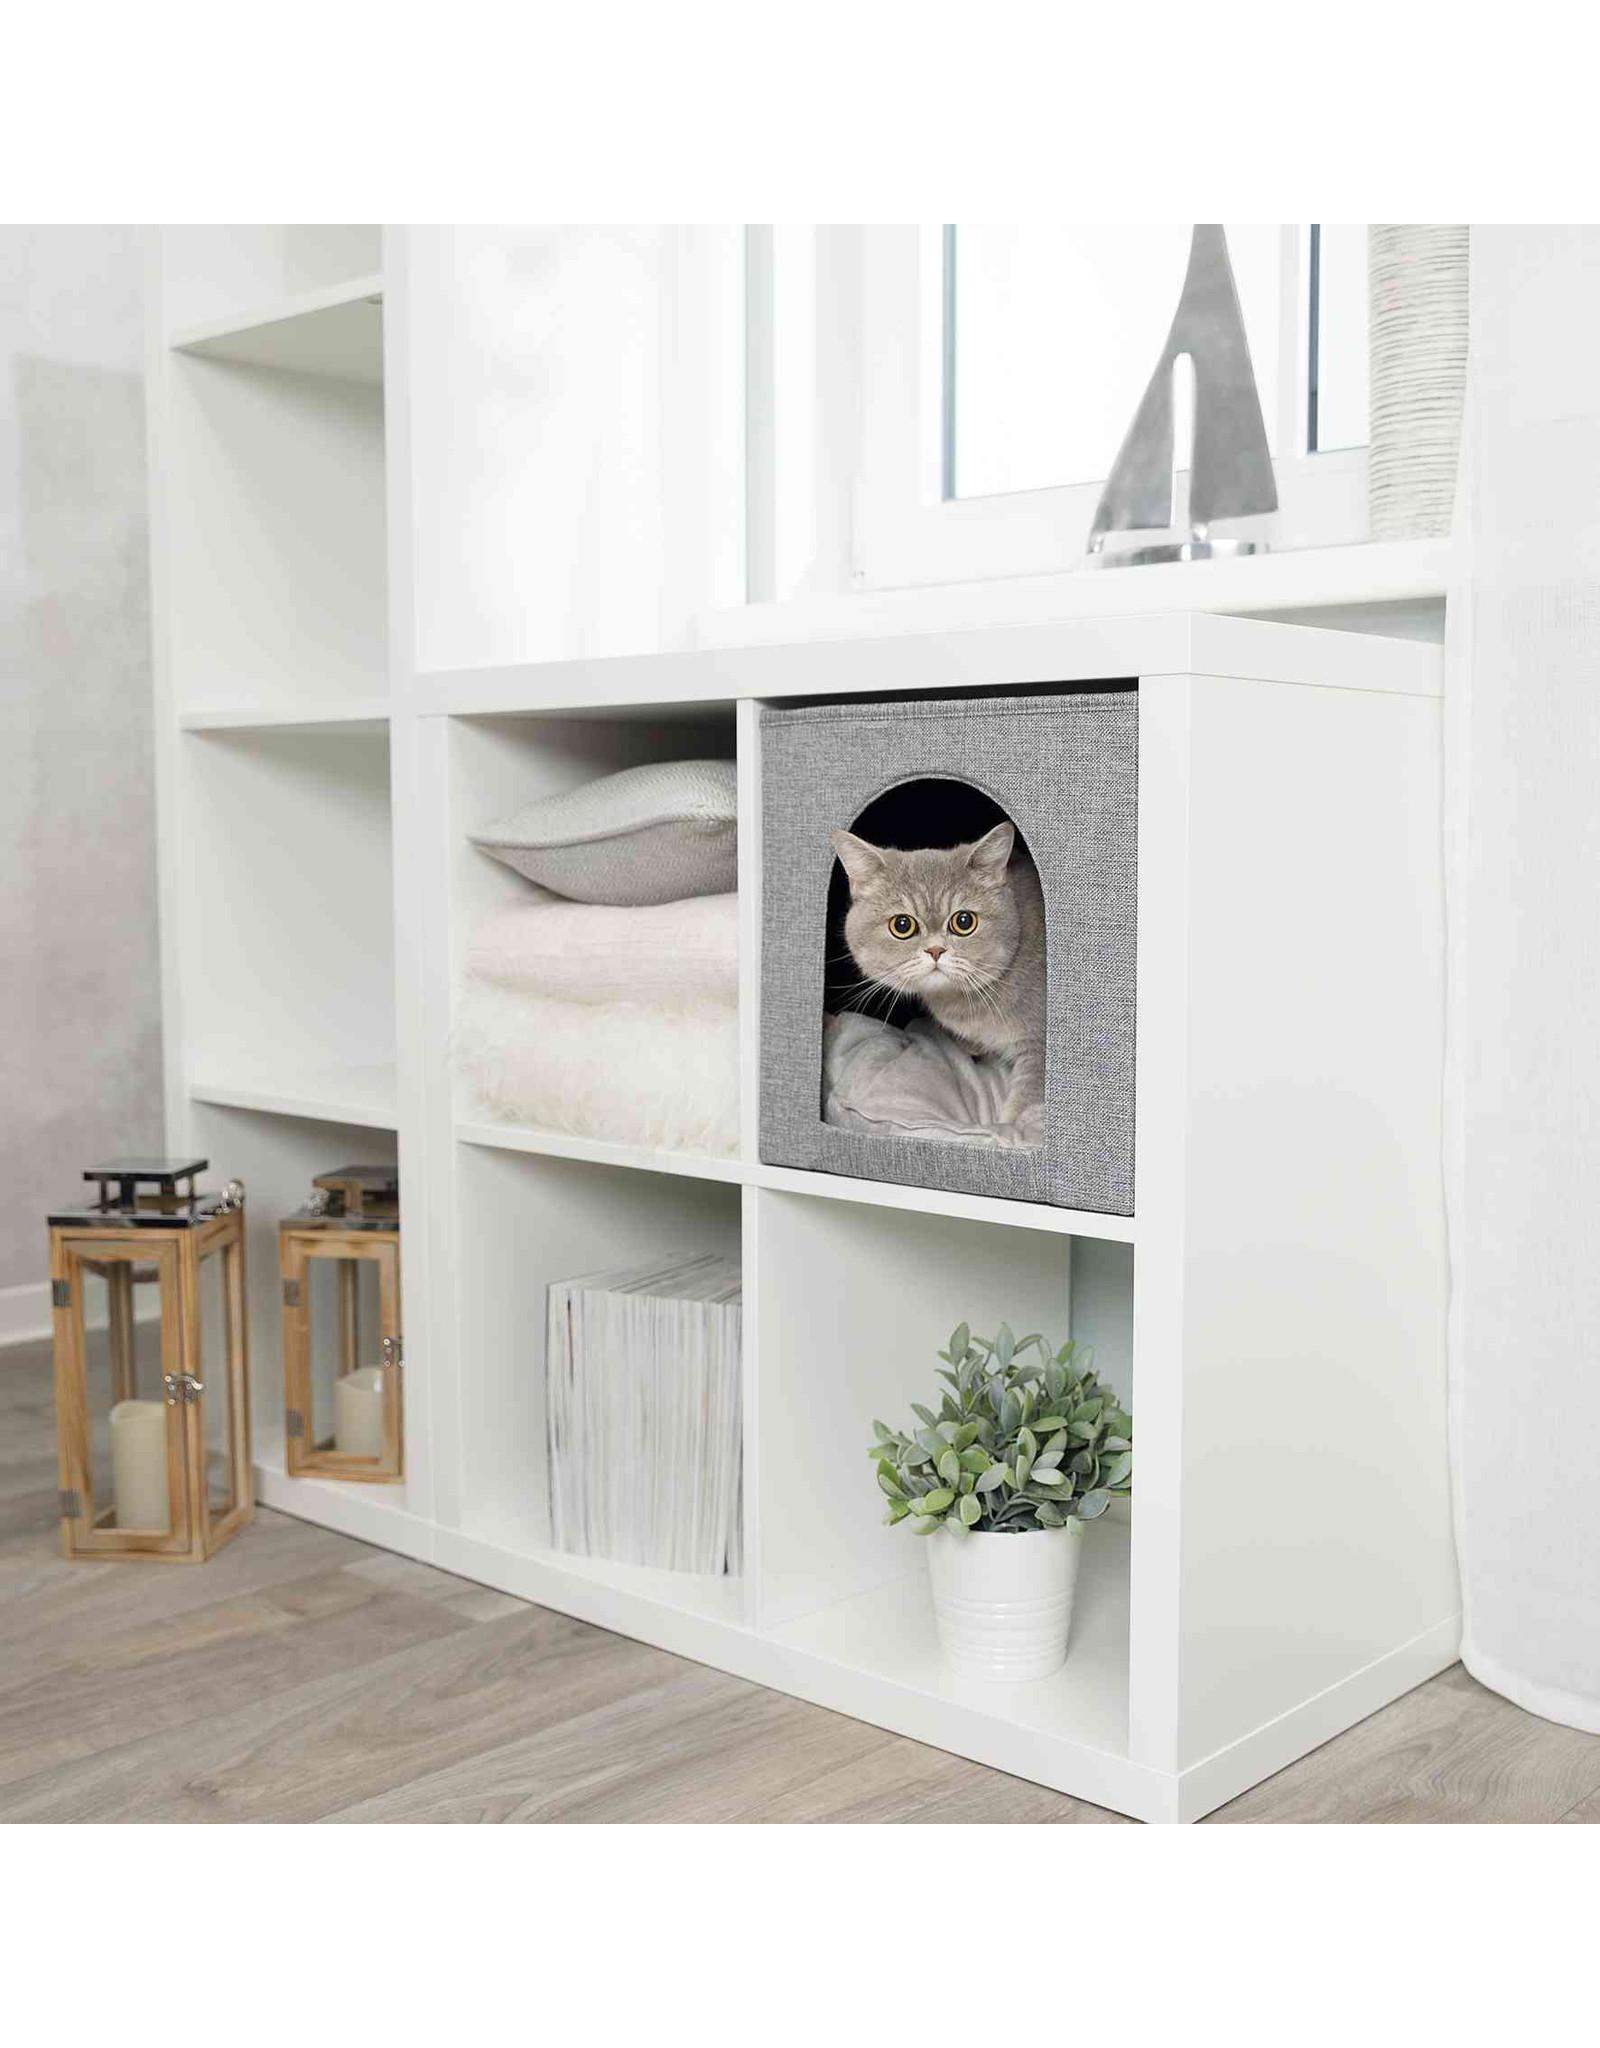 Trixie Ella Cat Cave Bed, Grey, 33 × 33 × 37 cm IKEA Shelf compatible